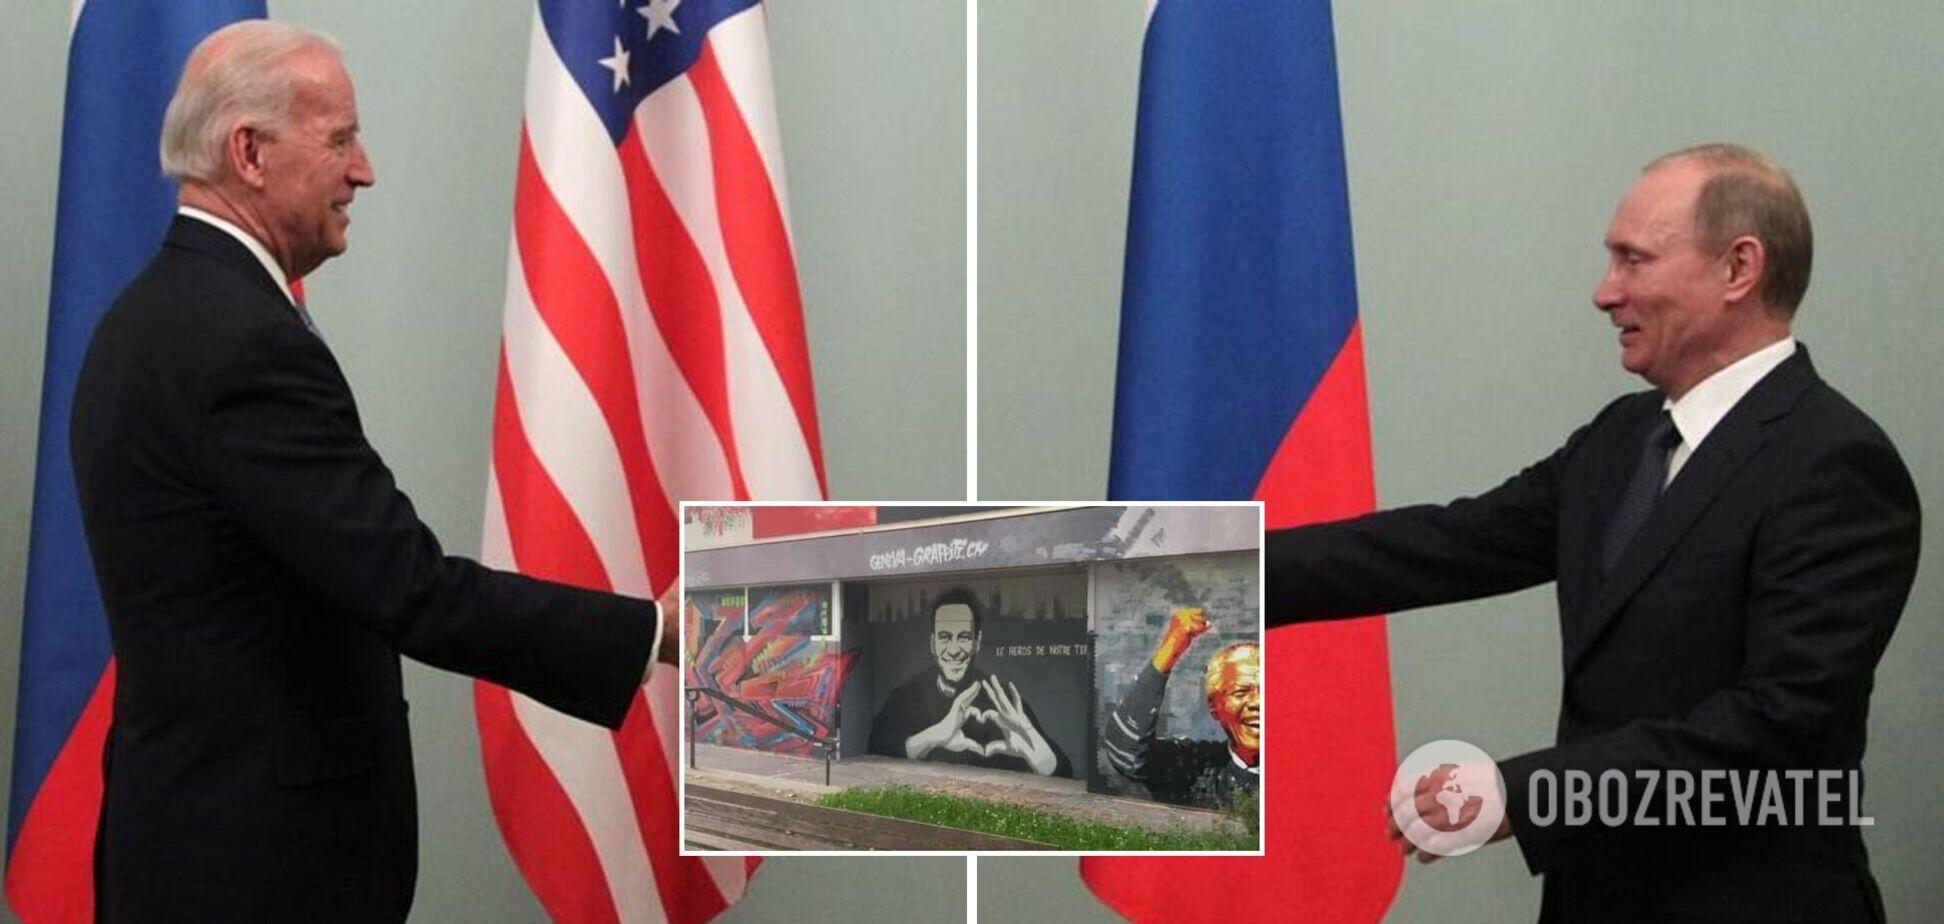 Копия петербургского граффити с Навальным появилась в Женеве